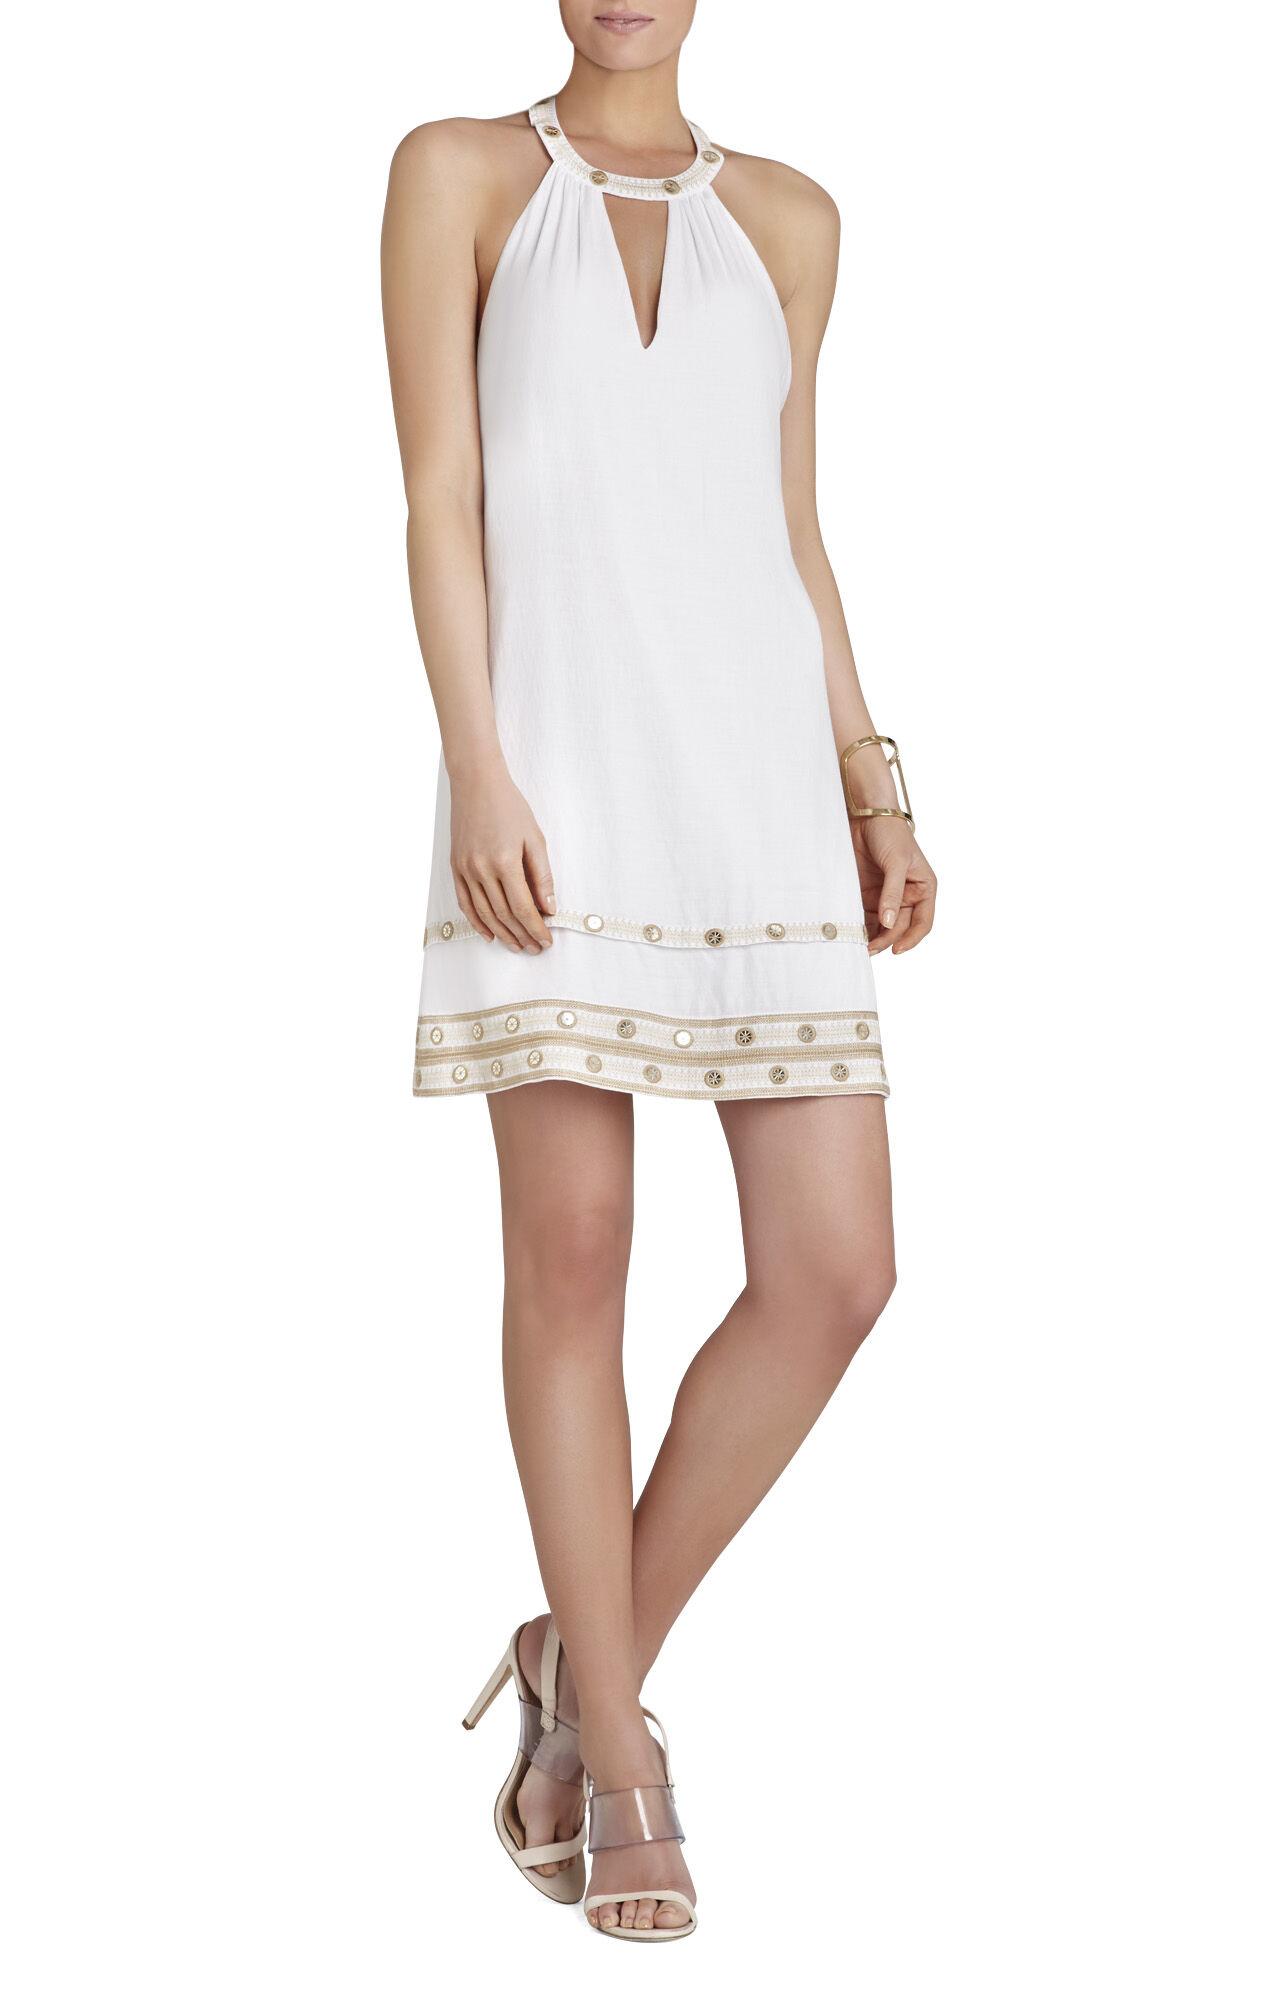 Irena Embellished Halter Dress